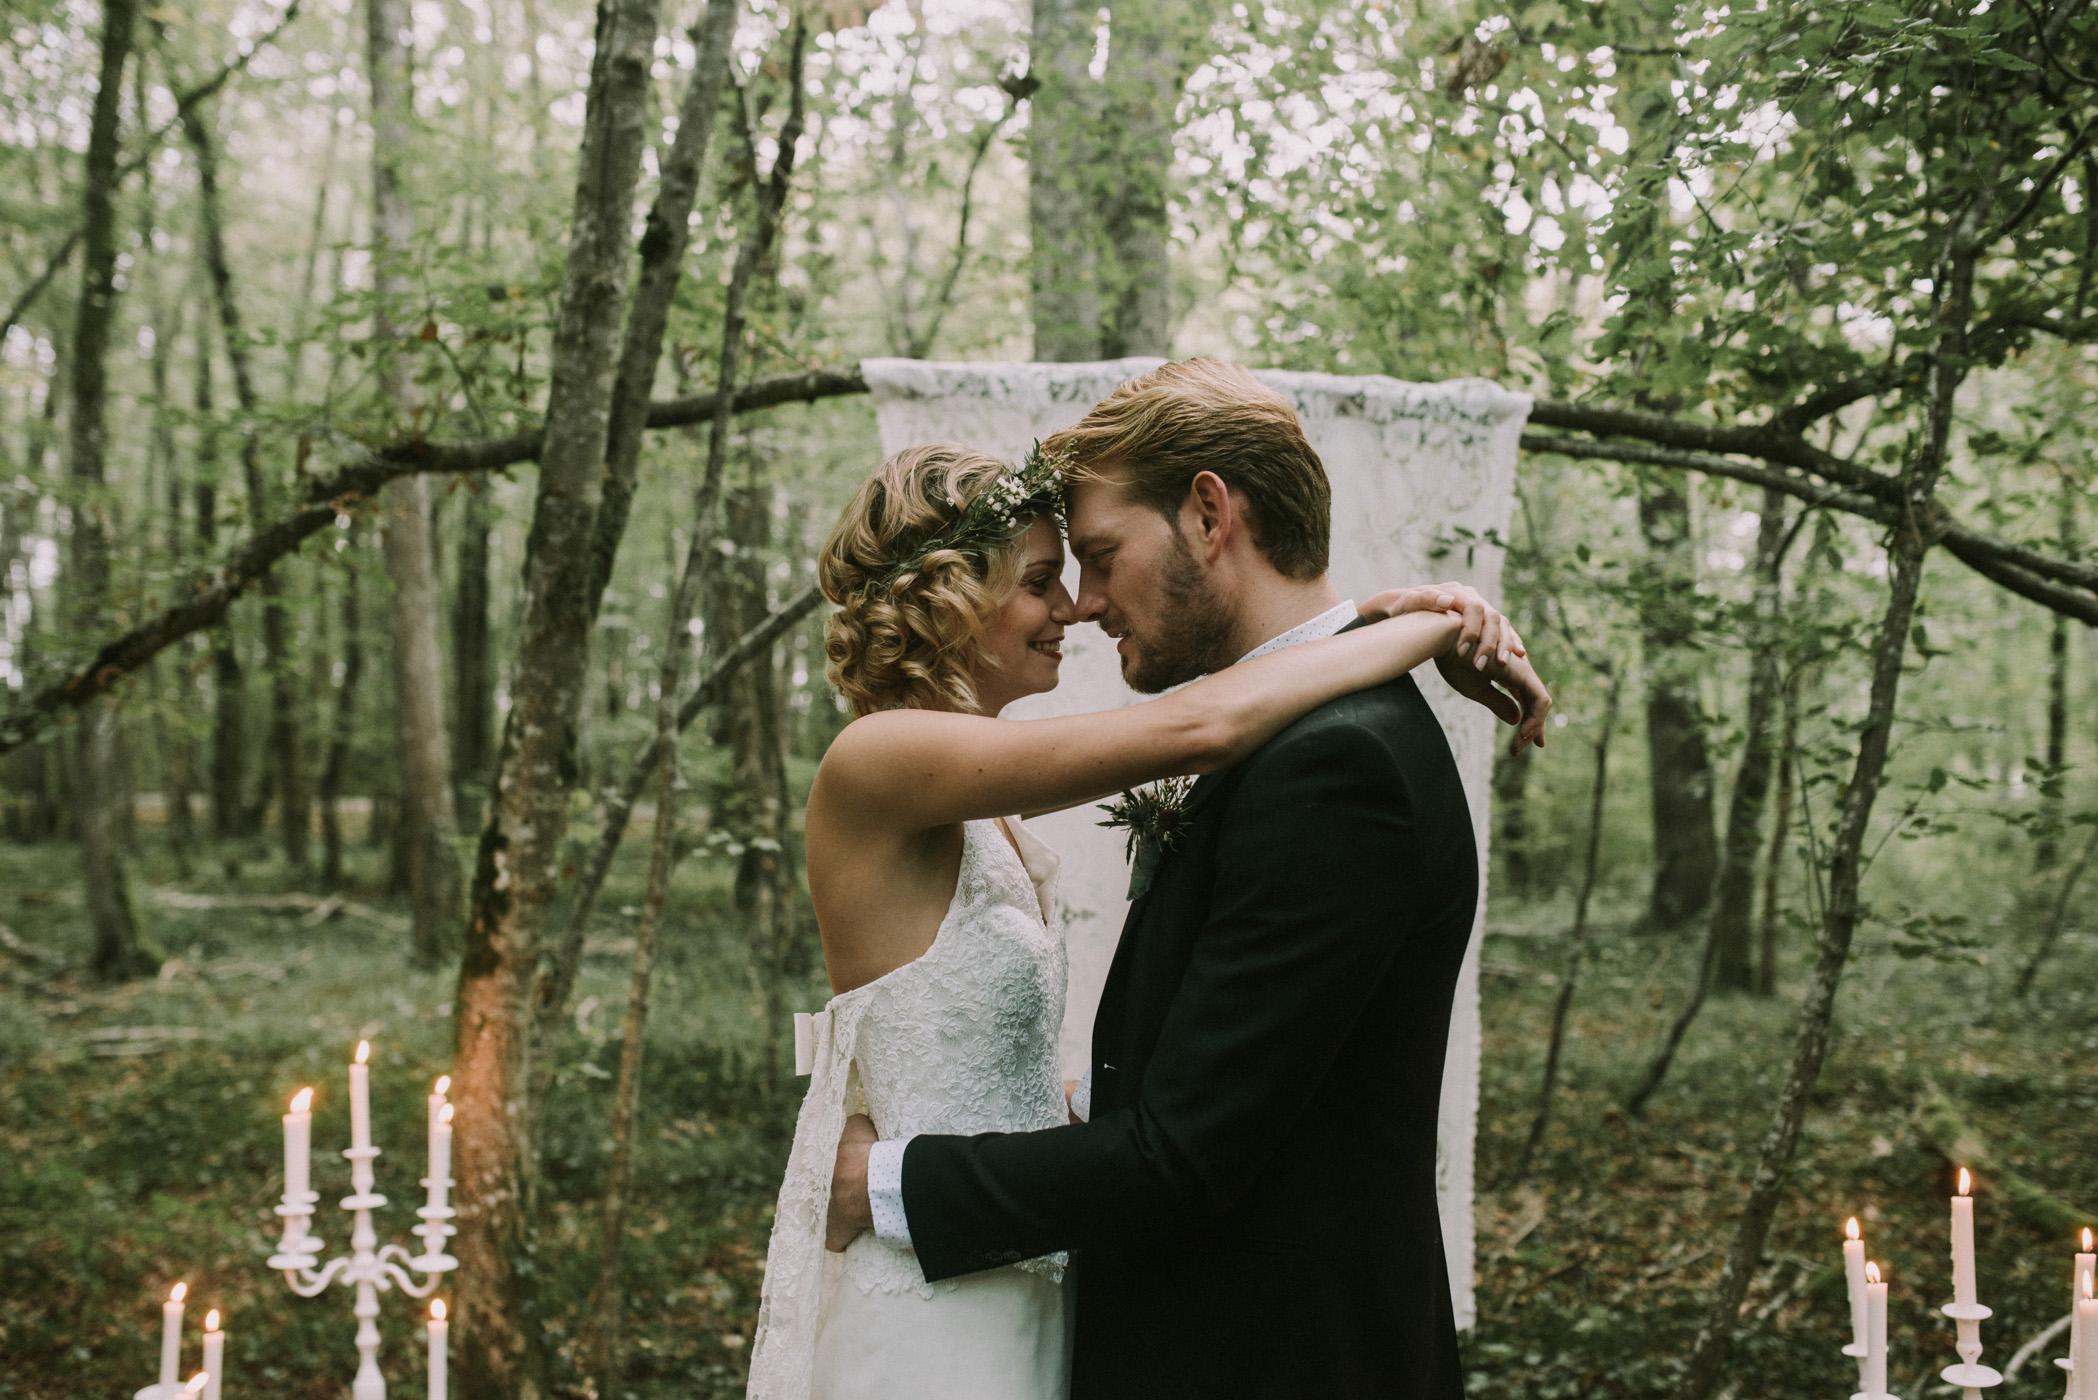 sun-drops-down-shooting-dinspiration-automnal-sous-les-bois-en-dordogne-blog-mariage-la-mariee-sous-les-etoiles-photo-mira-al-pajarito-91